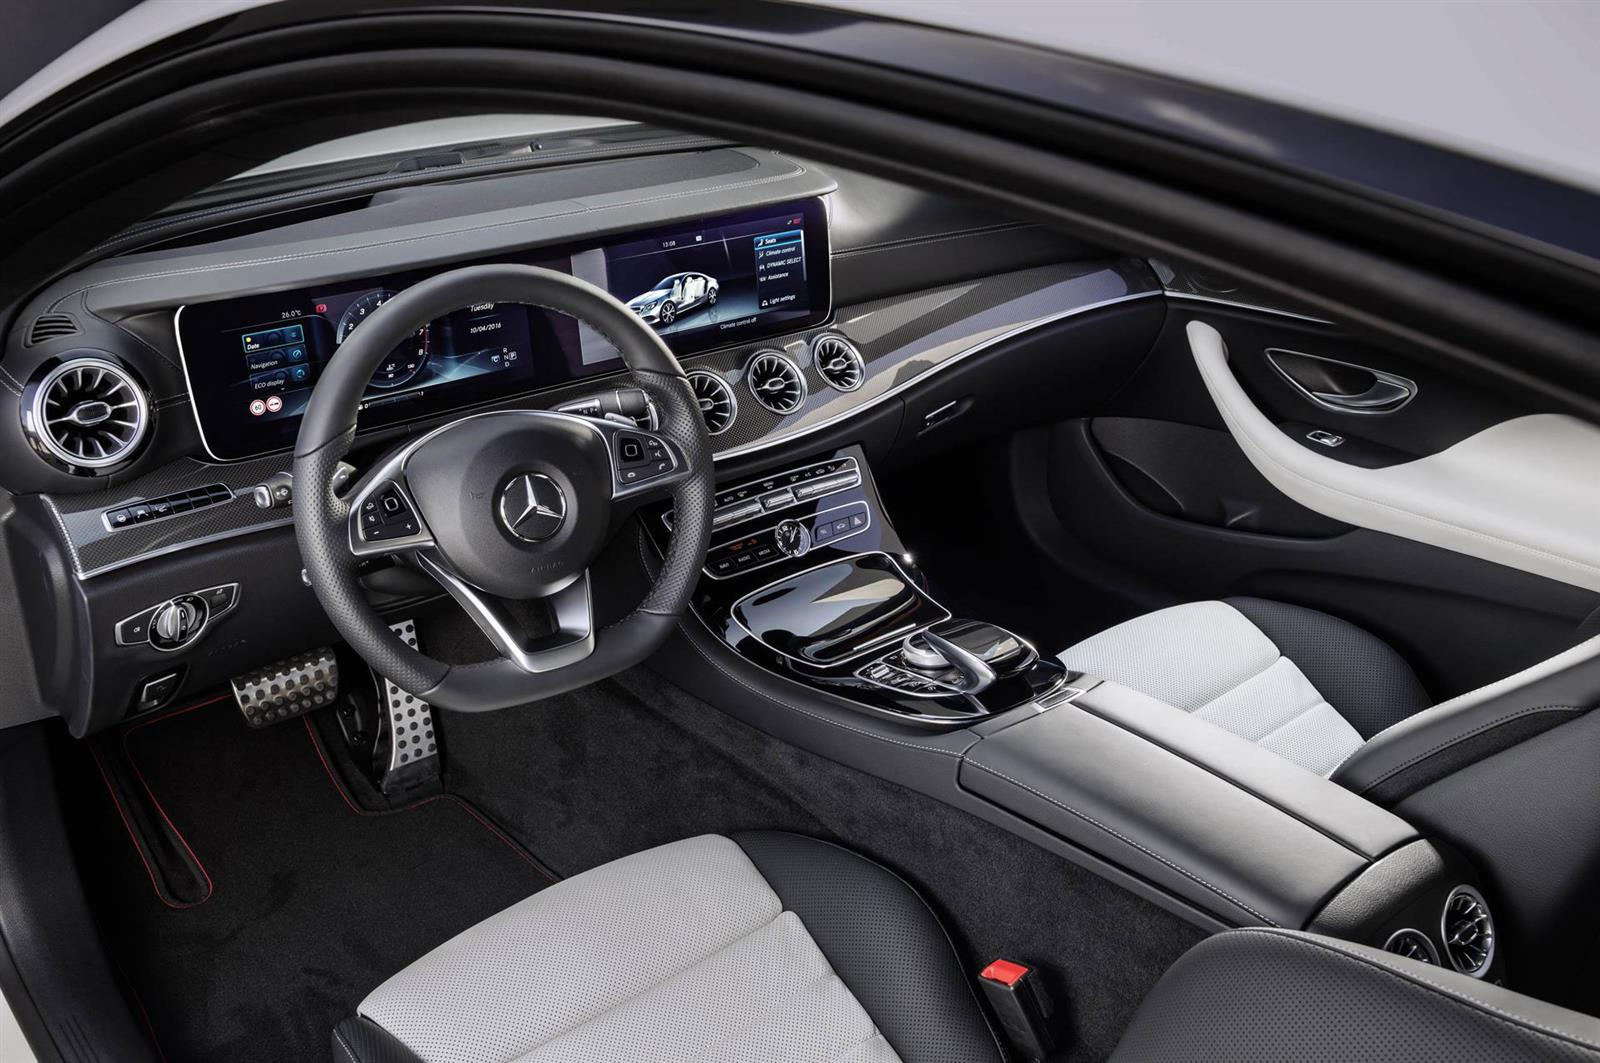 2017 Mercedes-Benz E-Class Coupe